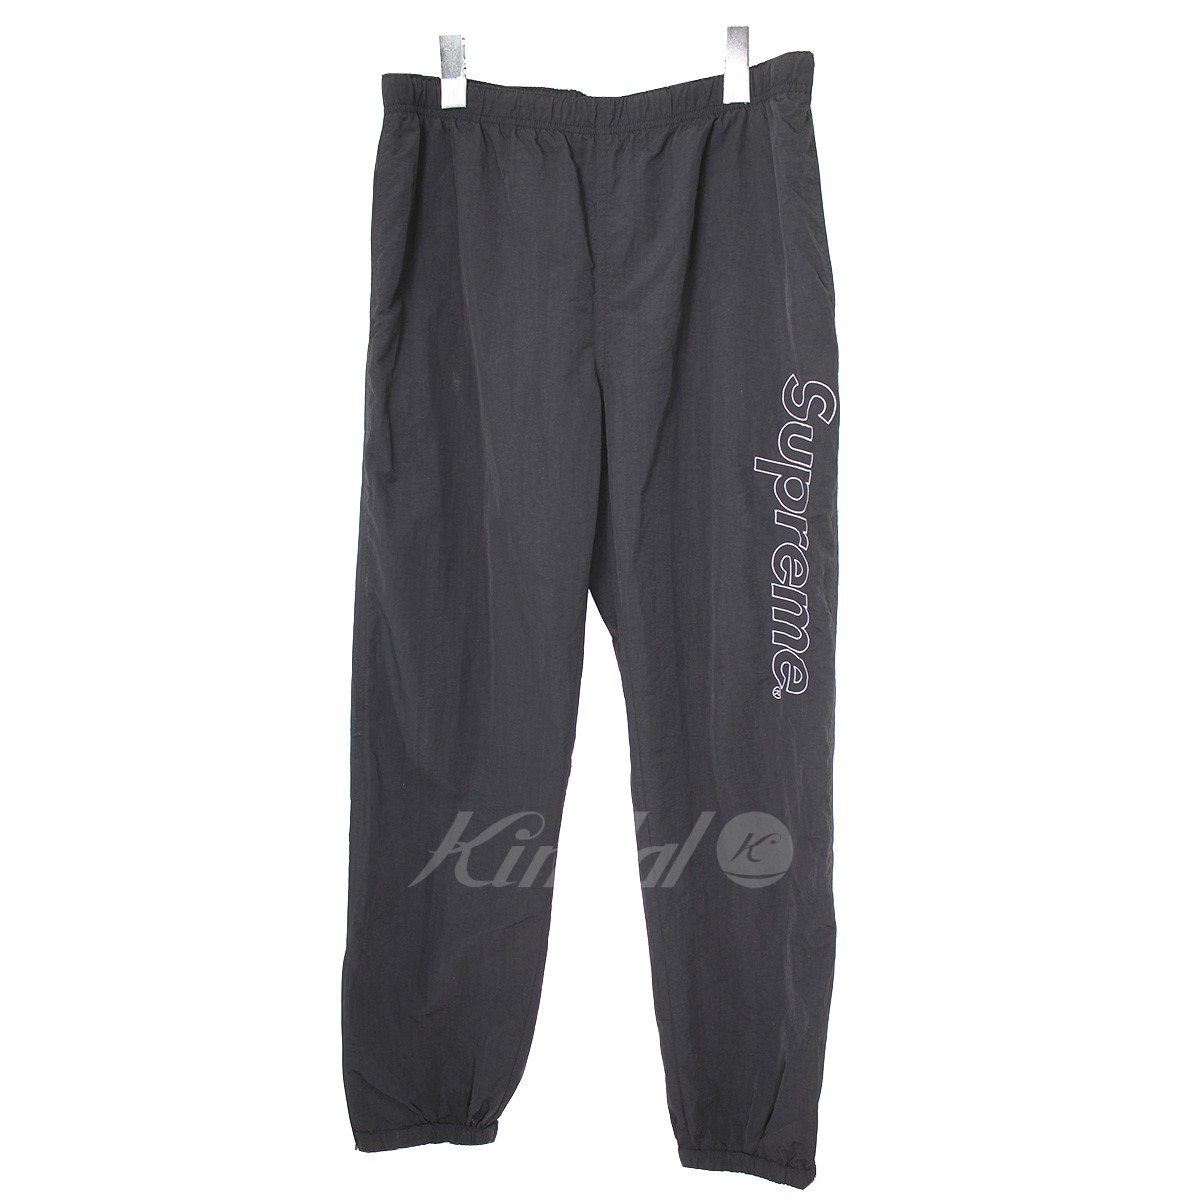 【中古】SUPREME 16S Warm Up Pant ロゴナイロンパンツ 【送料無料】 【001466】 【KIND1550】